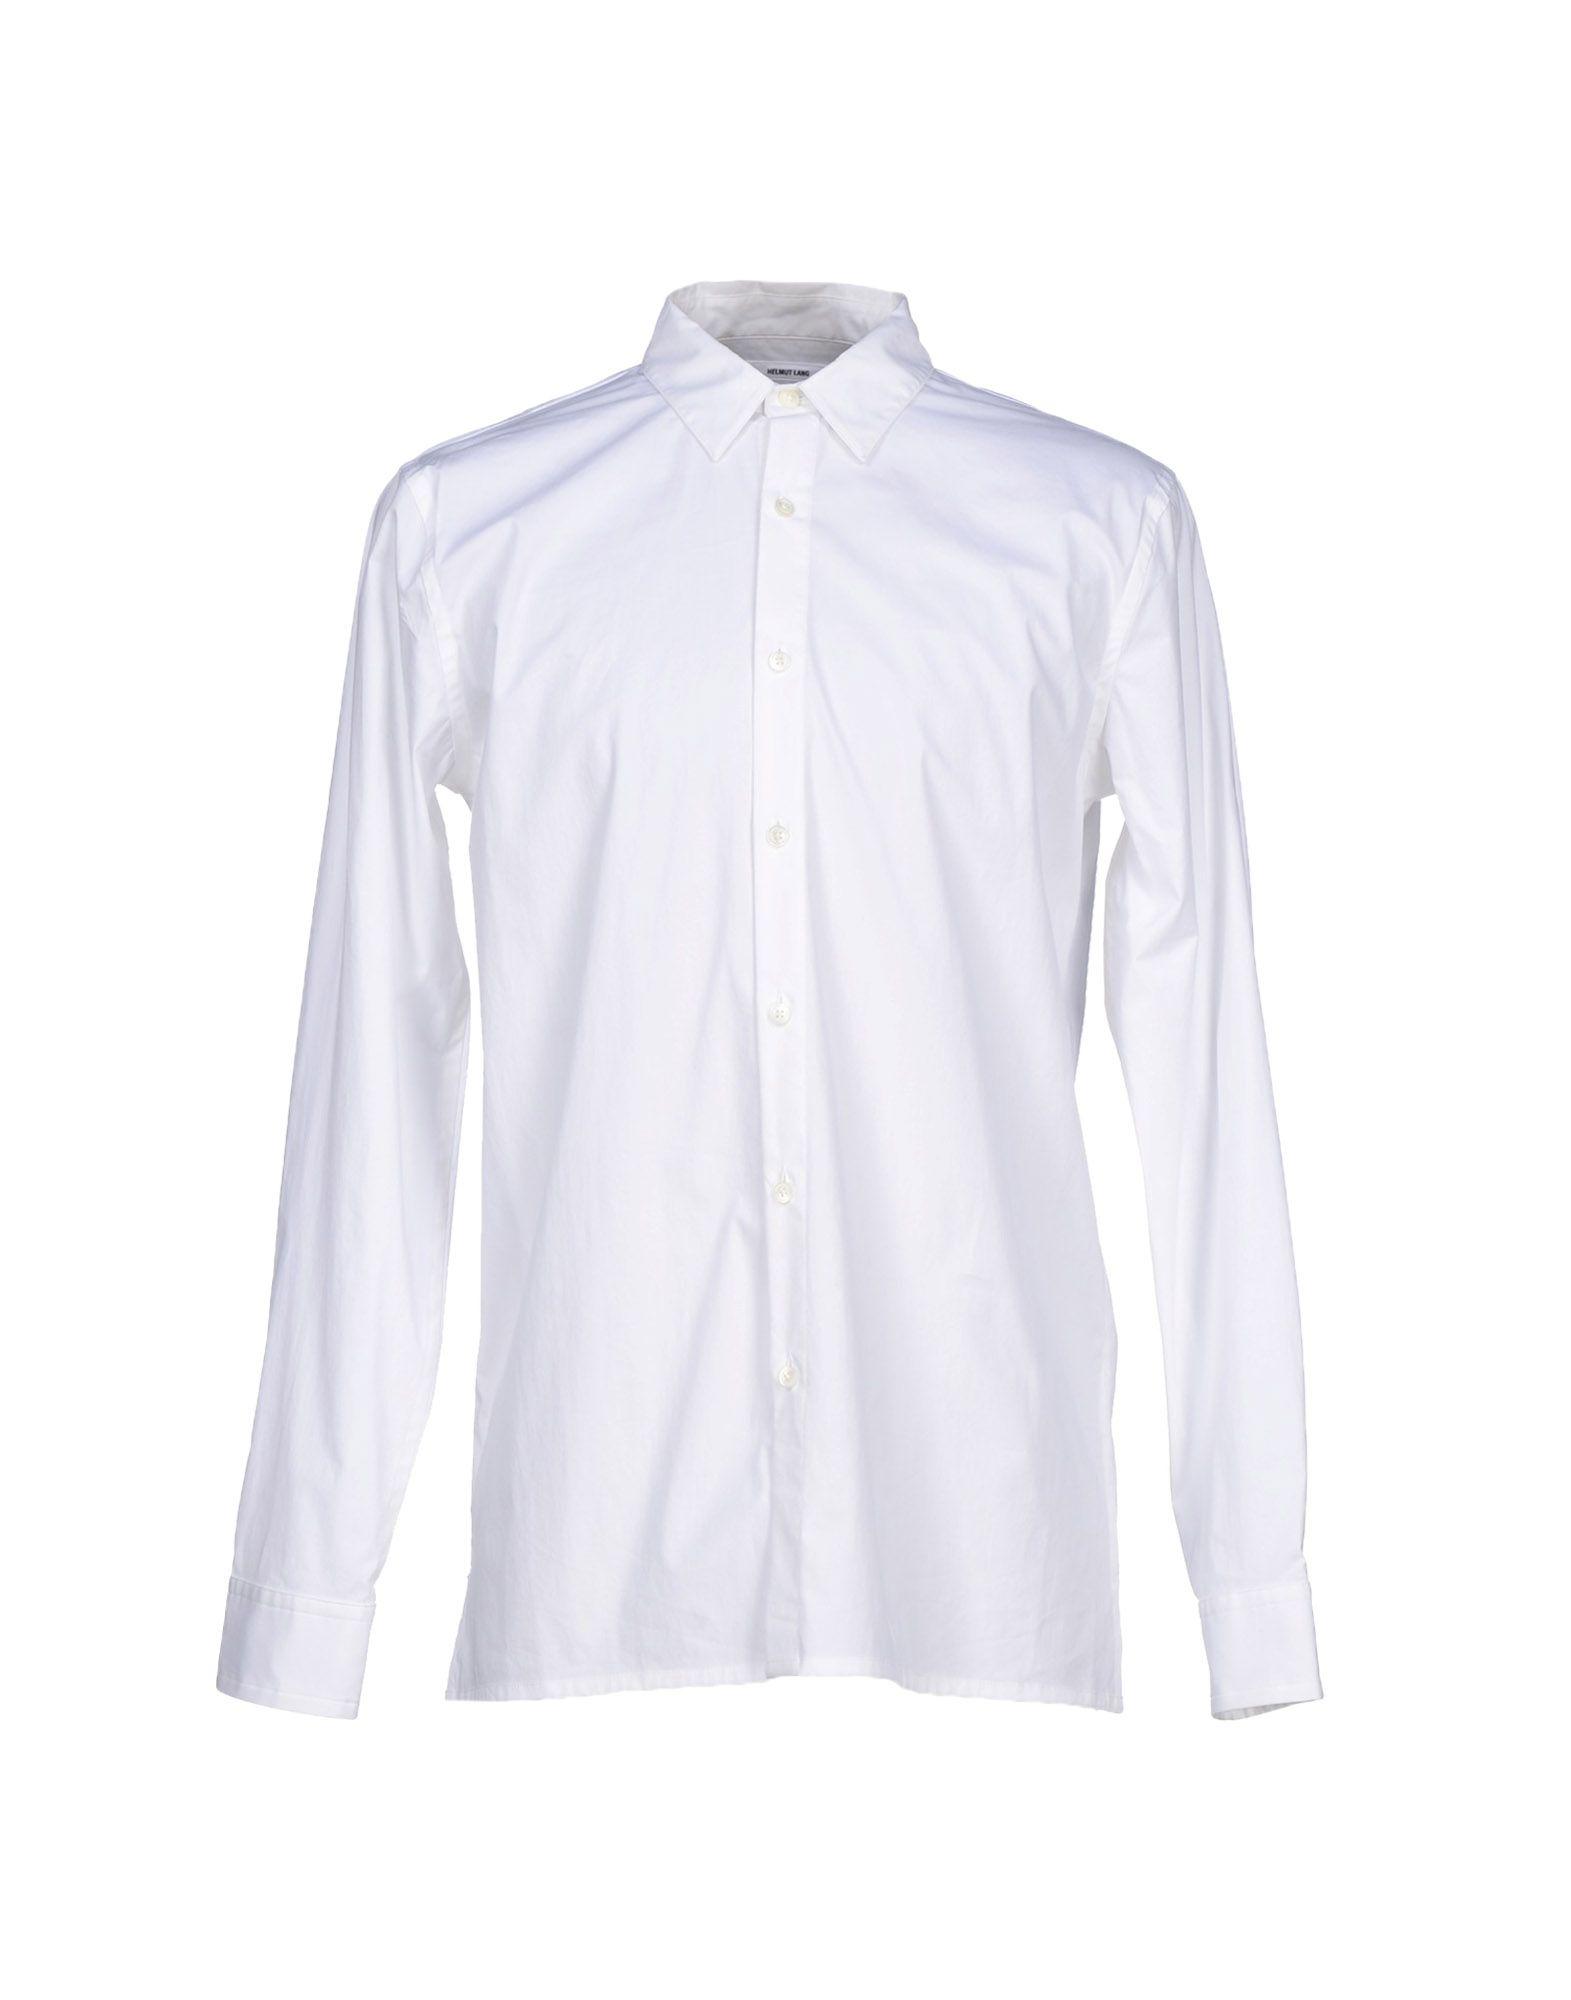 helmut lang shirt in white for men lyst. Black Bedroom Furniture Sets. Home Design Ideas